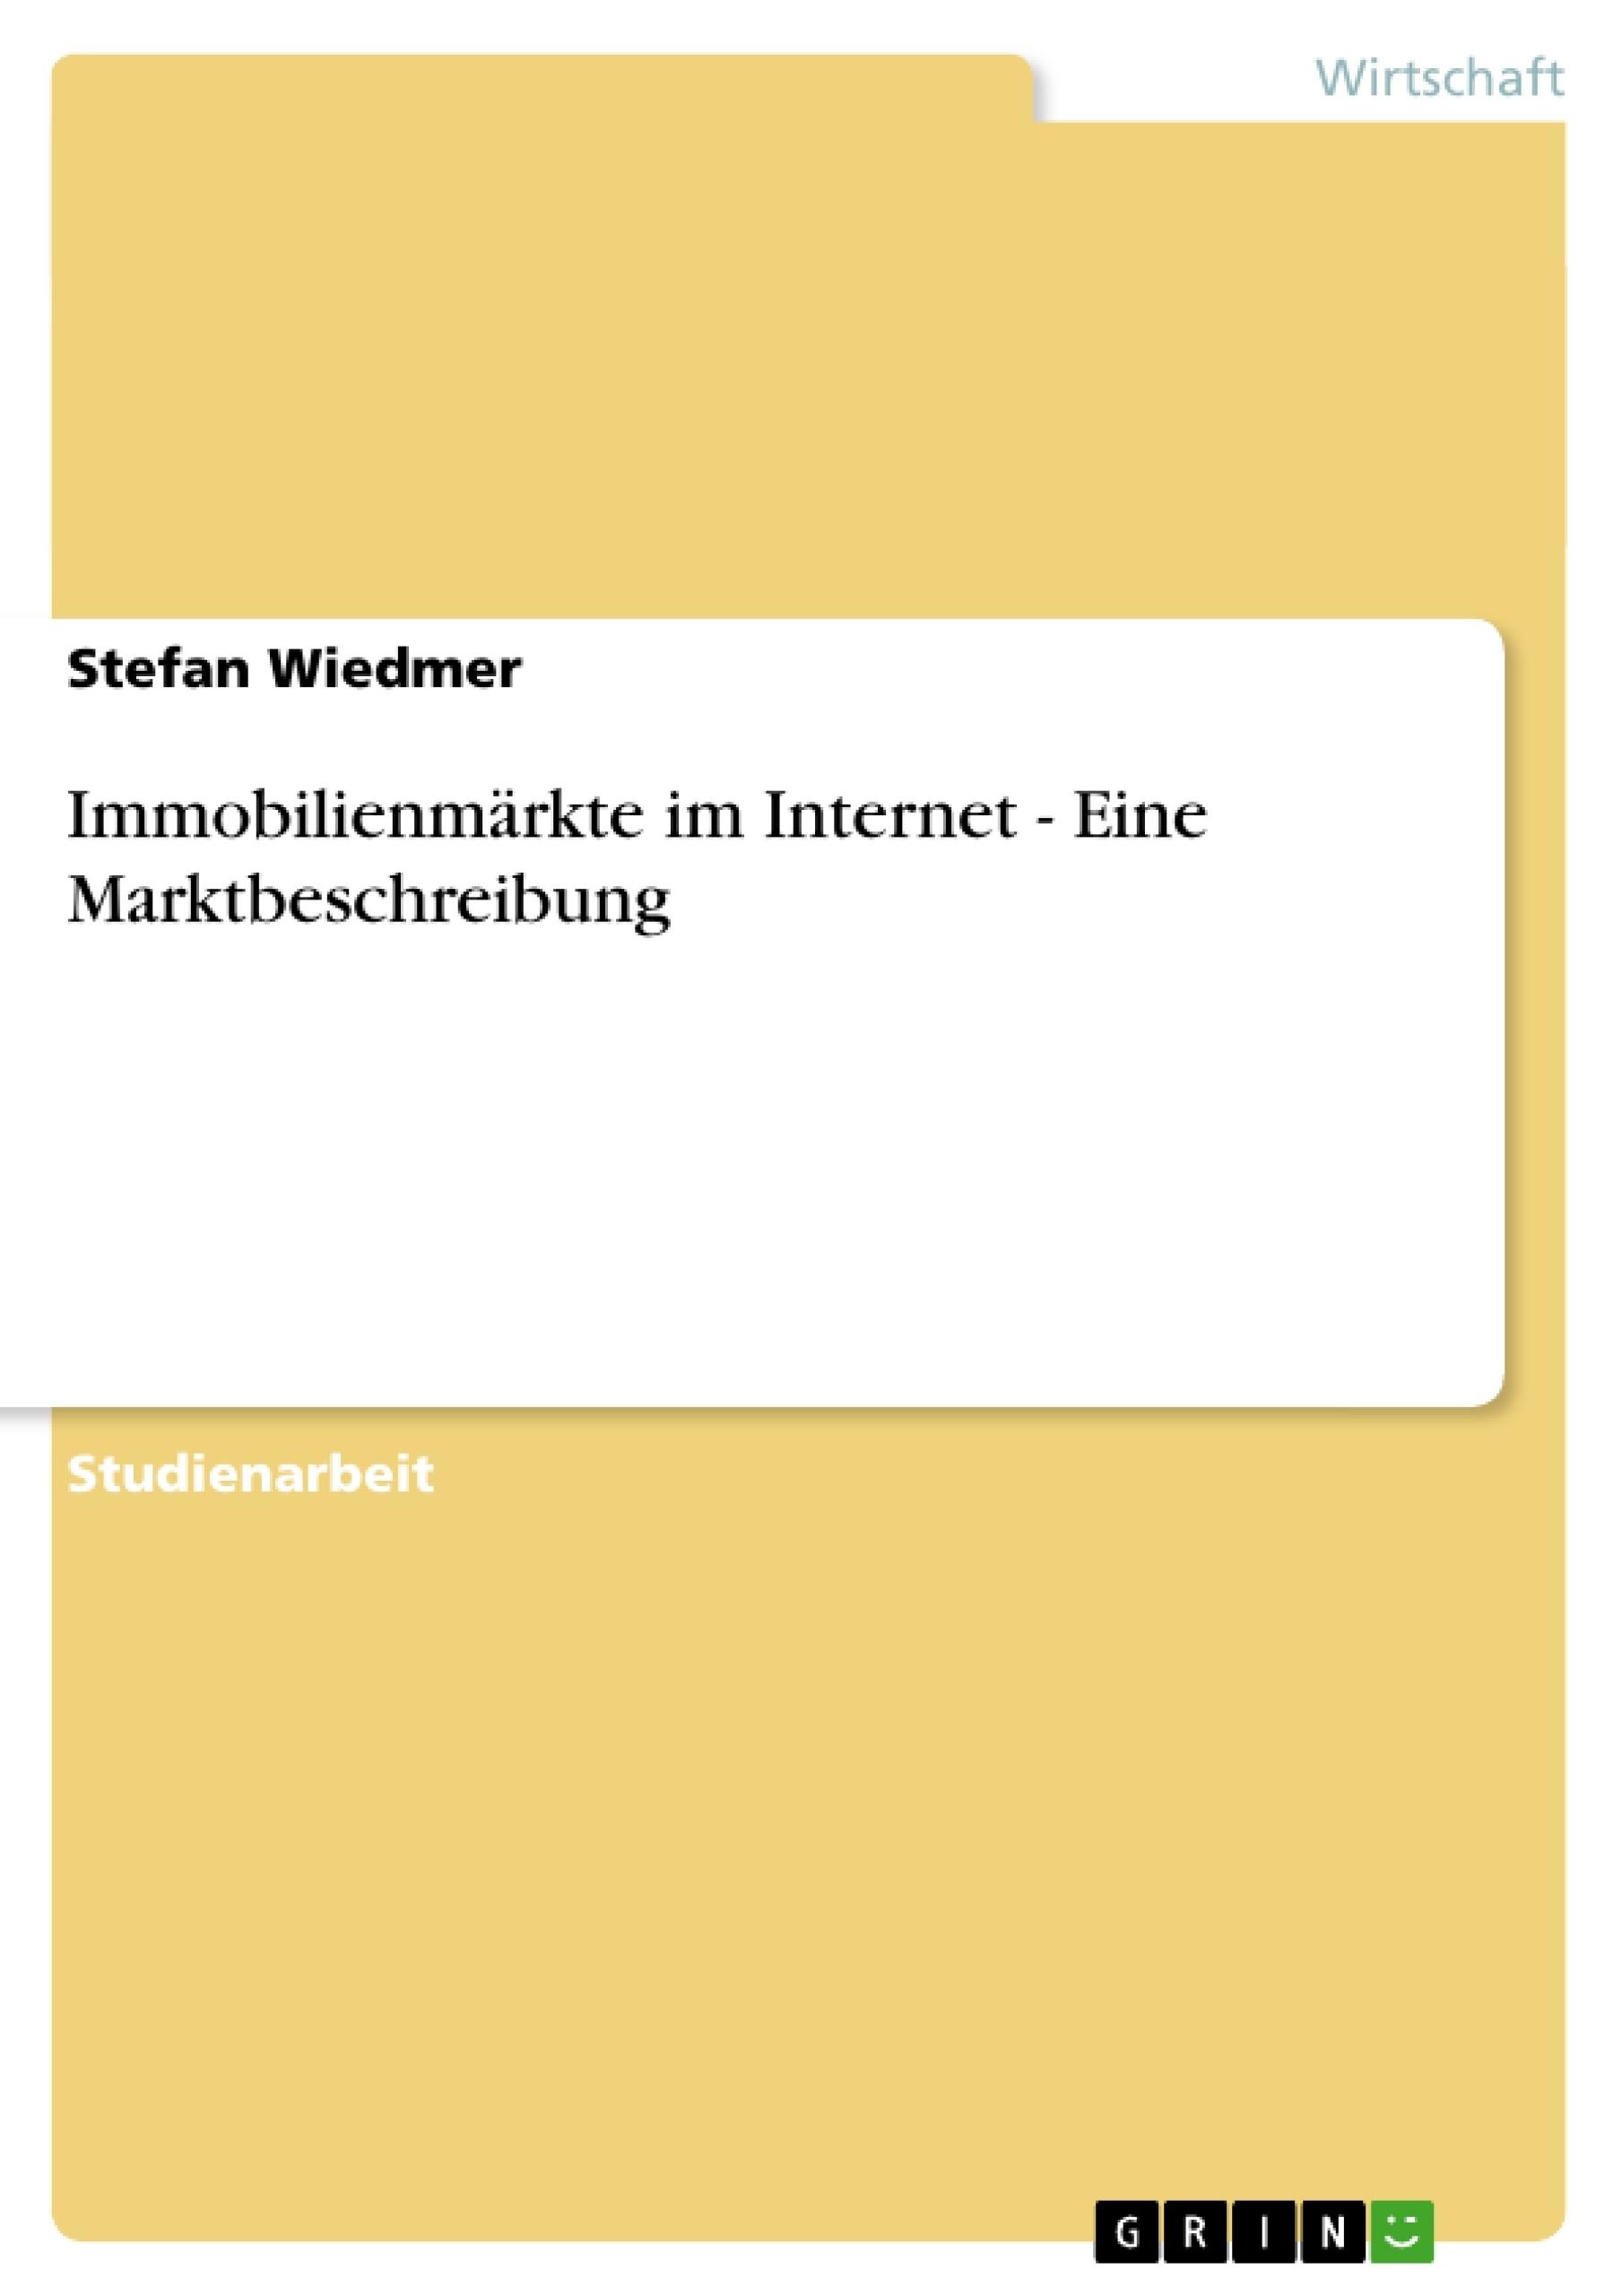 Titel: Immobilienmärkte im Internet - Eine Marktbeschreibung